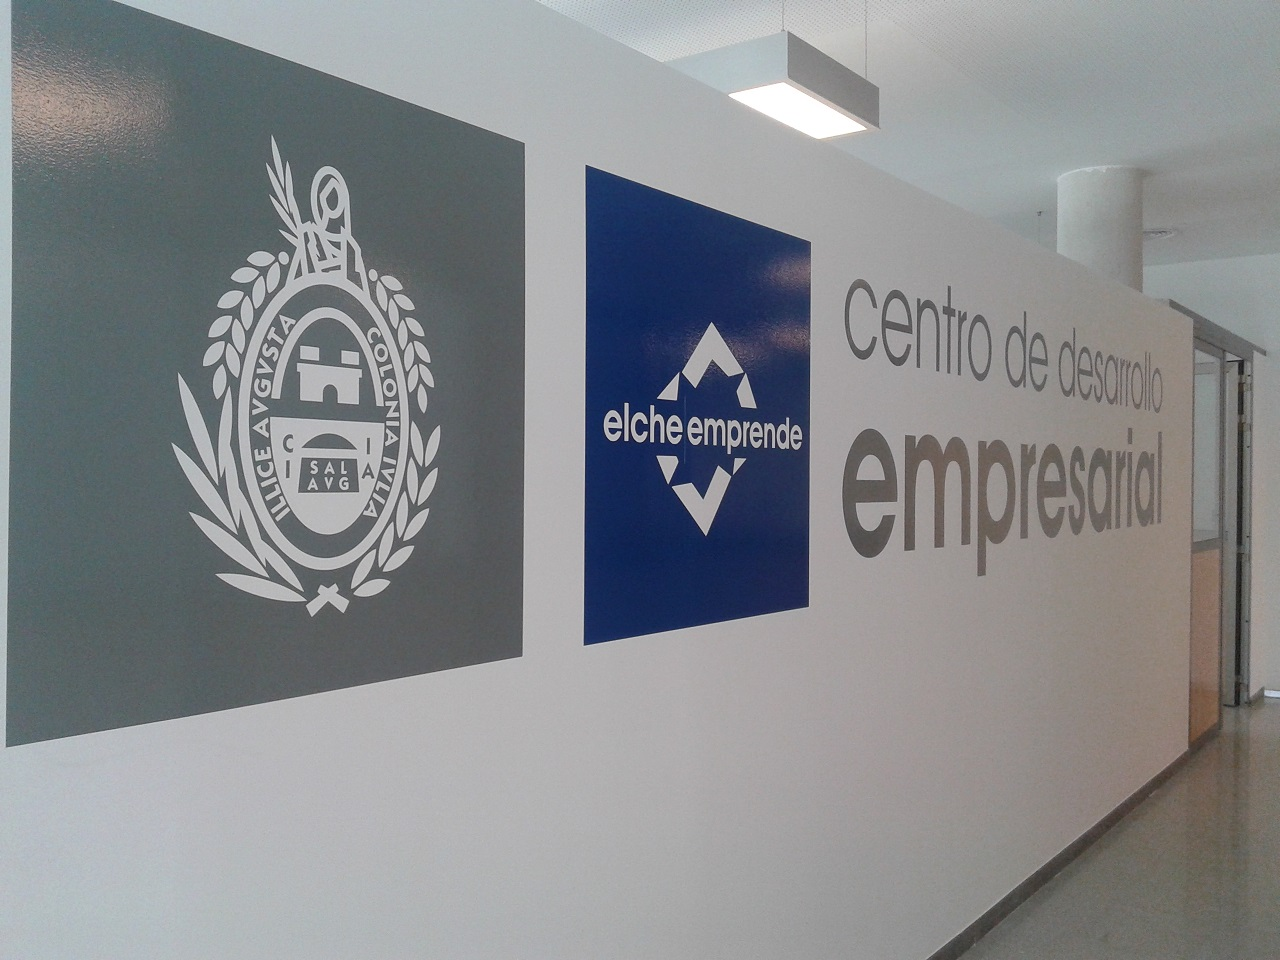 Centro de Desarrollo Empresarial cartel 2